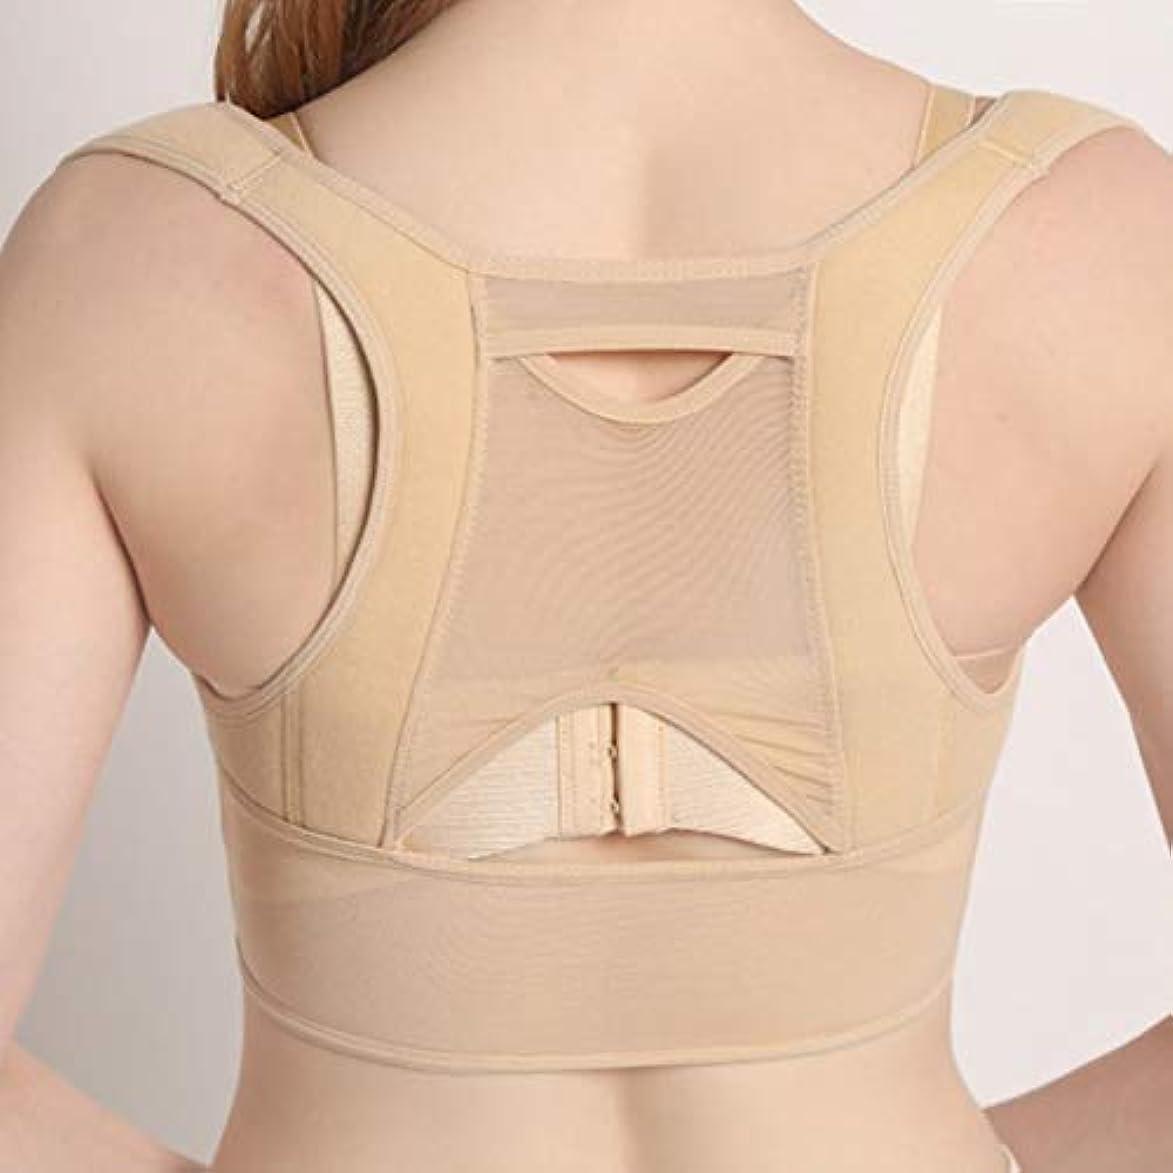 シニス好奇心盛韓国通気性のある女性バック姿勢矯正コルセット整形外科用アッパーバックショルダー脊椎姿勢矯正腰椎サポート - ベージュホワイト